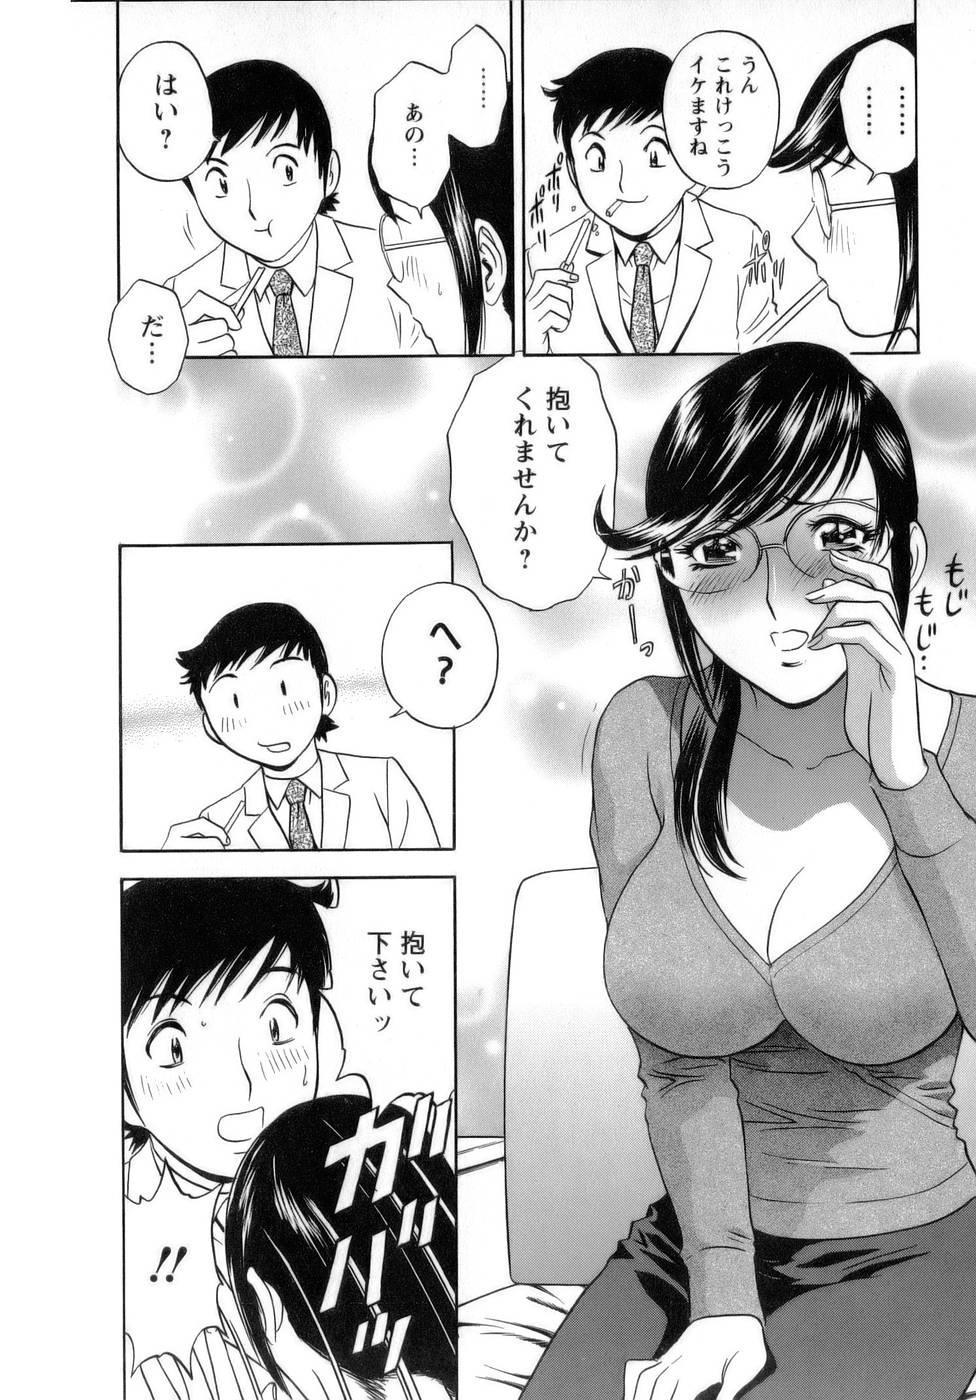 [Hidemaru] Mo-Retsu! Boin Sensei (Boing Boing Teacher) Vol.1 119